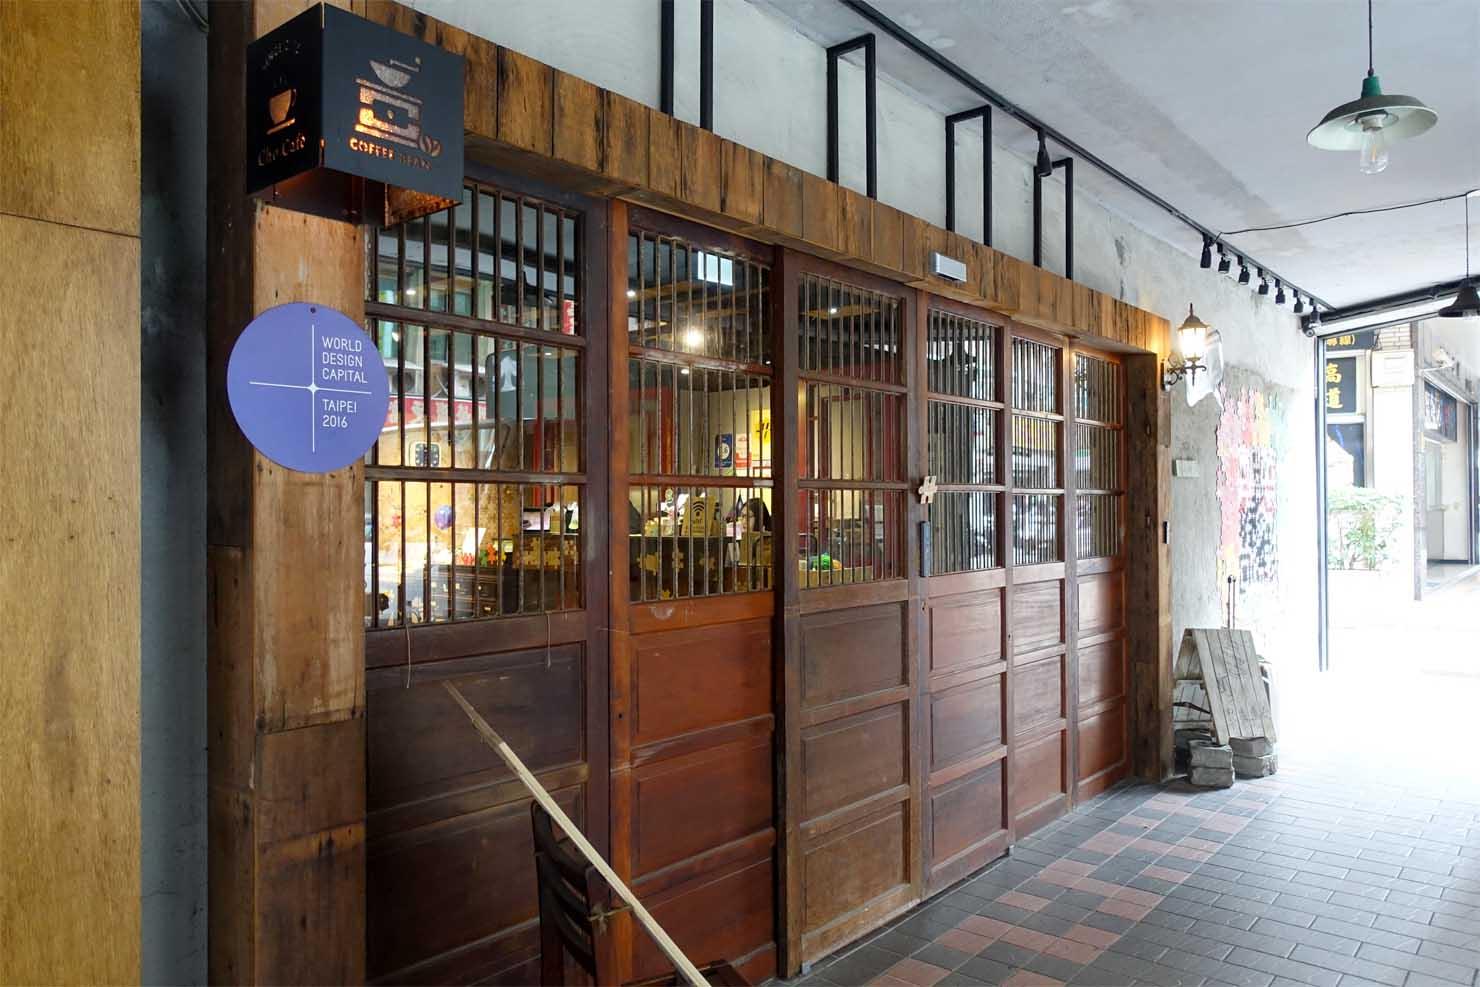 台北・西門町のLGBTフレンドリーホテル「町・記憶旅店 Cho Hotel」のエントランス